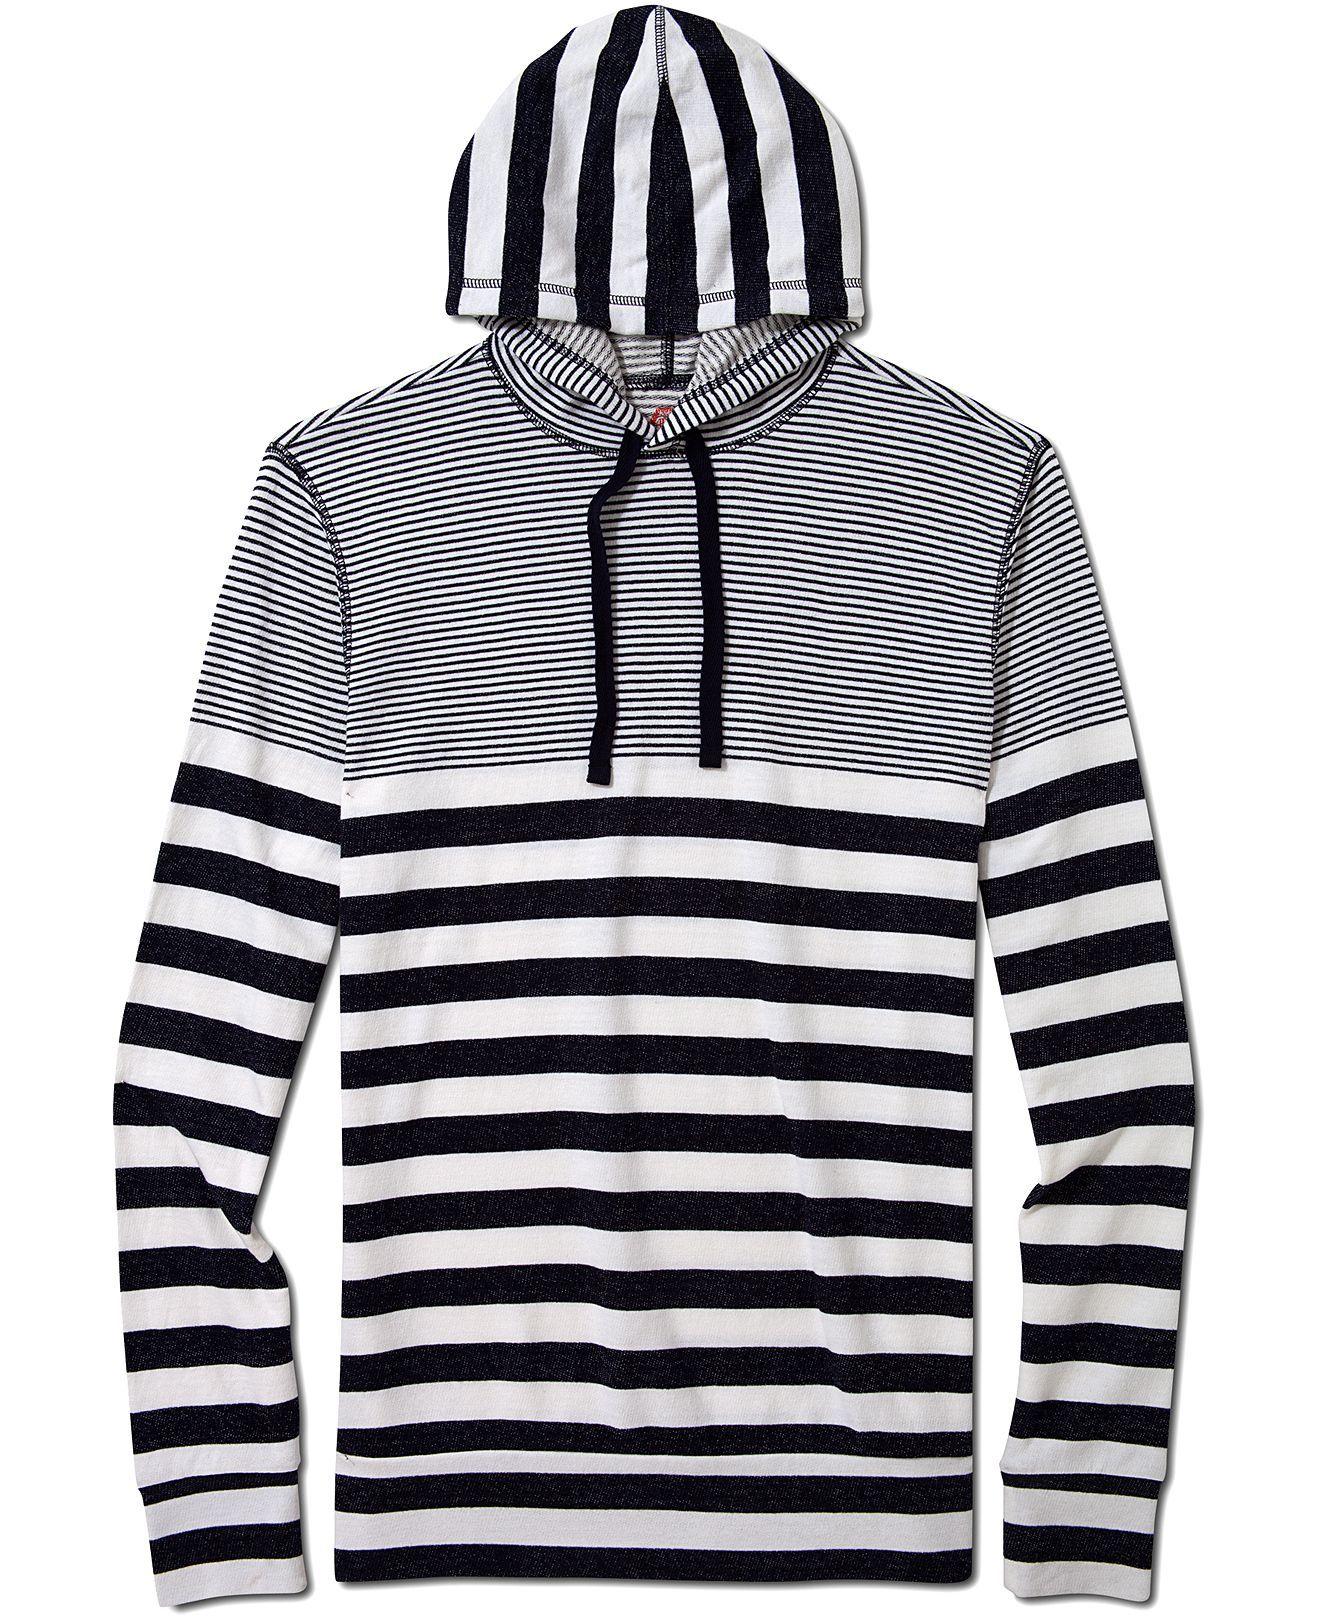 American Rag Shirt Striped Hoodie Mens Hoodies Track Jackets Macy S Mens Sweatshirts Hoodies Hoodies Men [ 1616 x 1320 Pixel ]